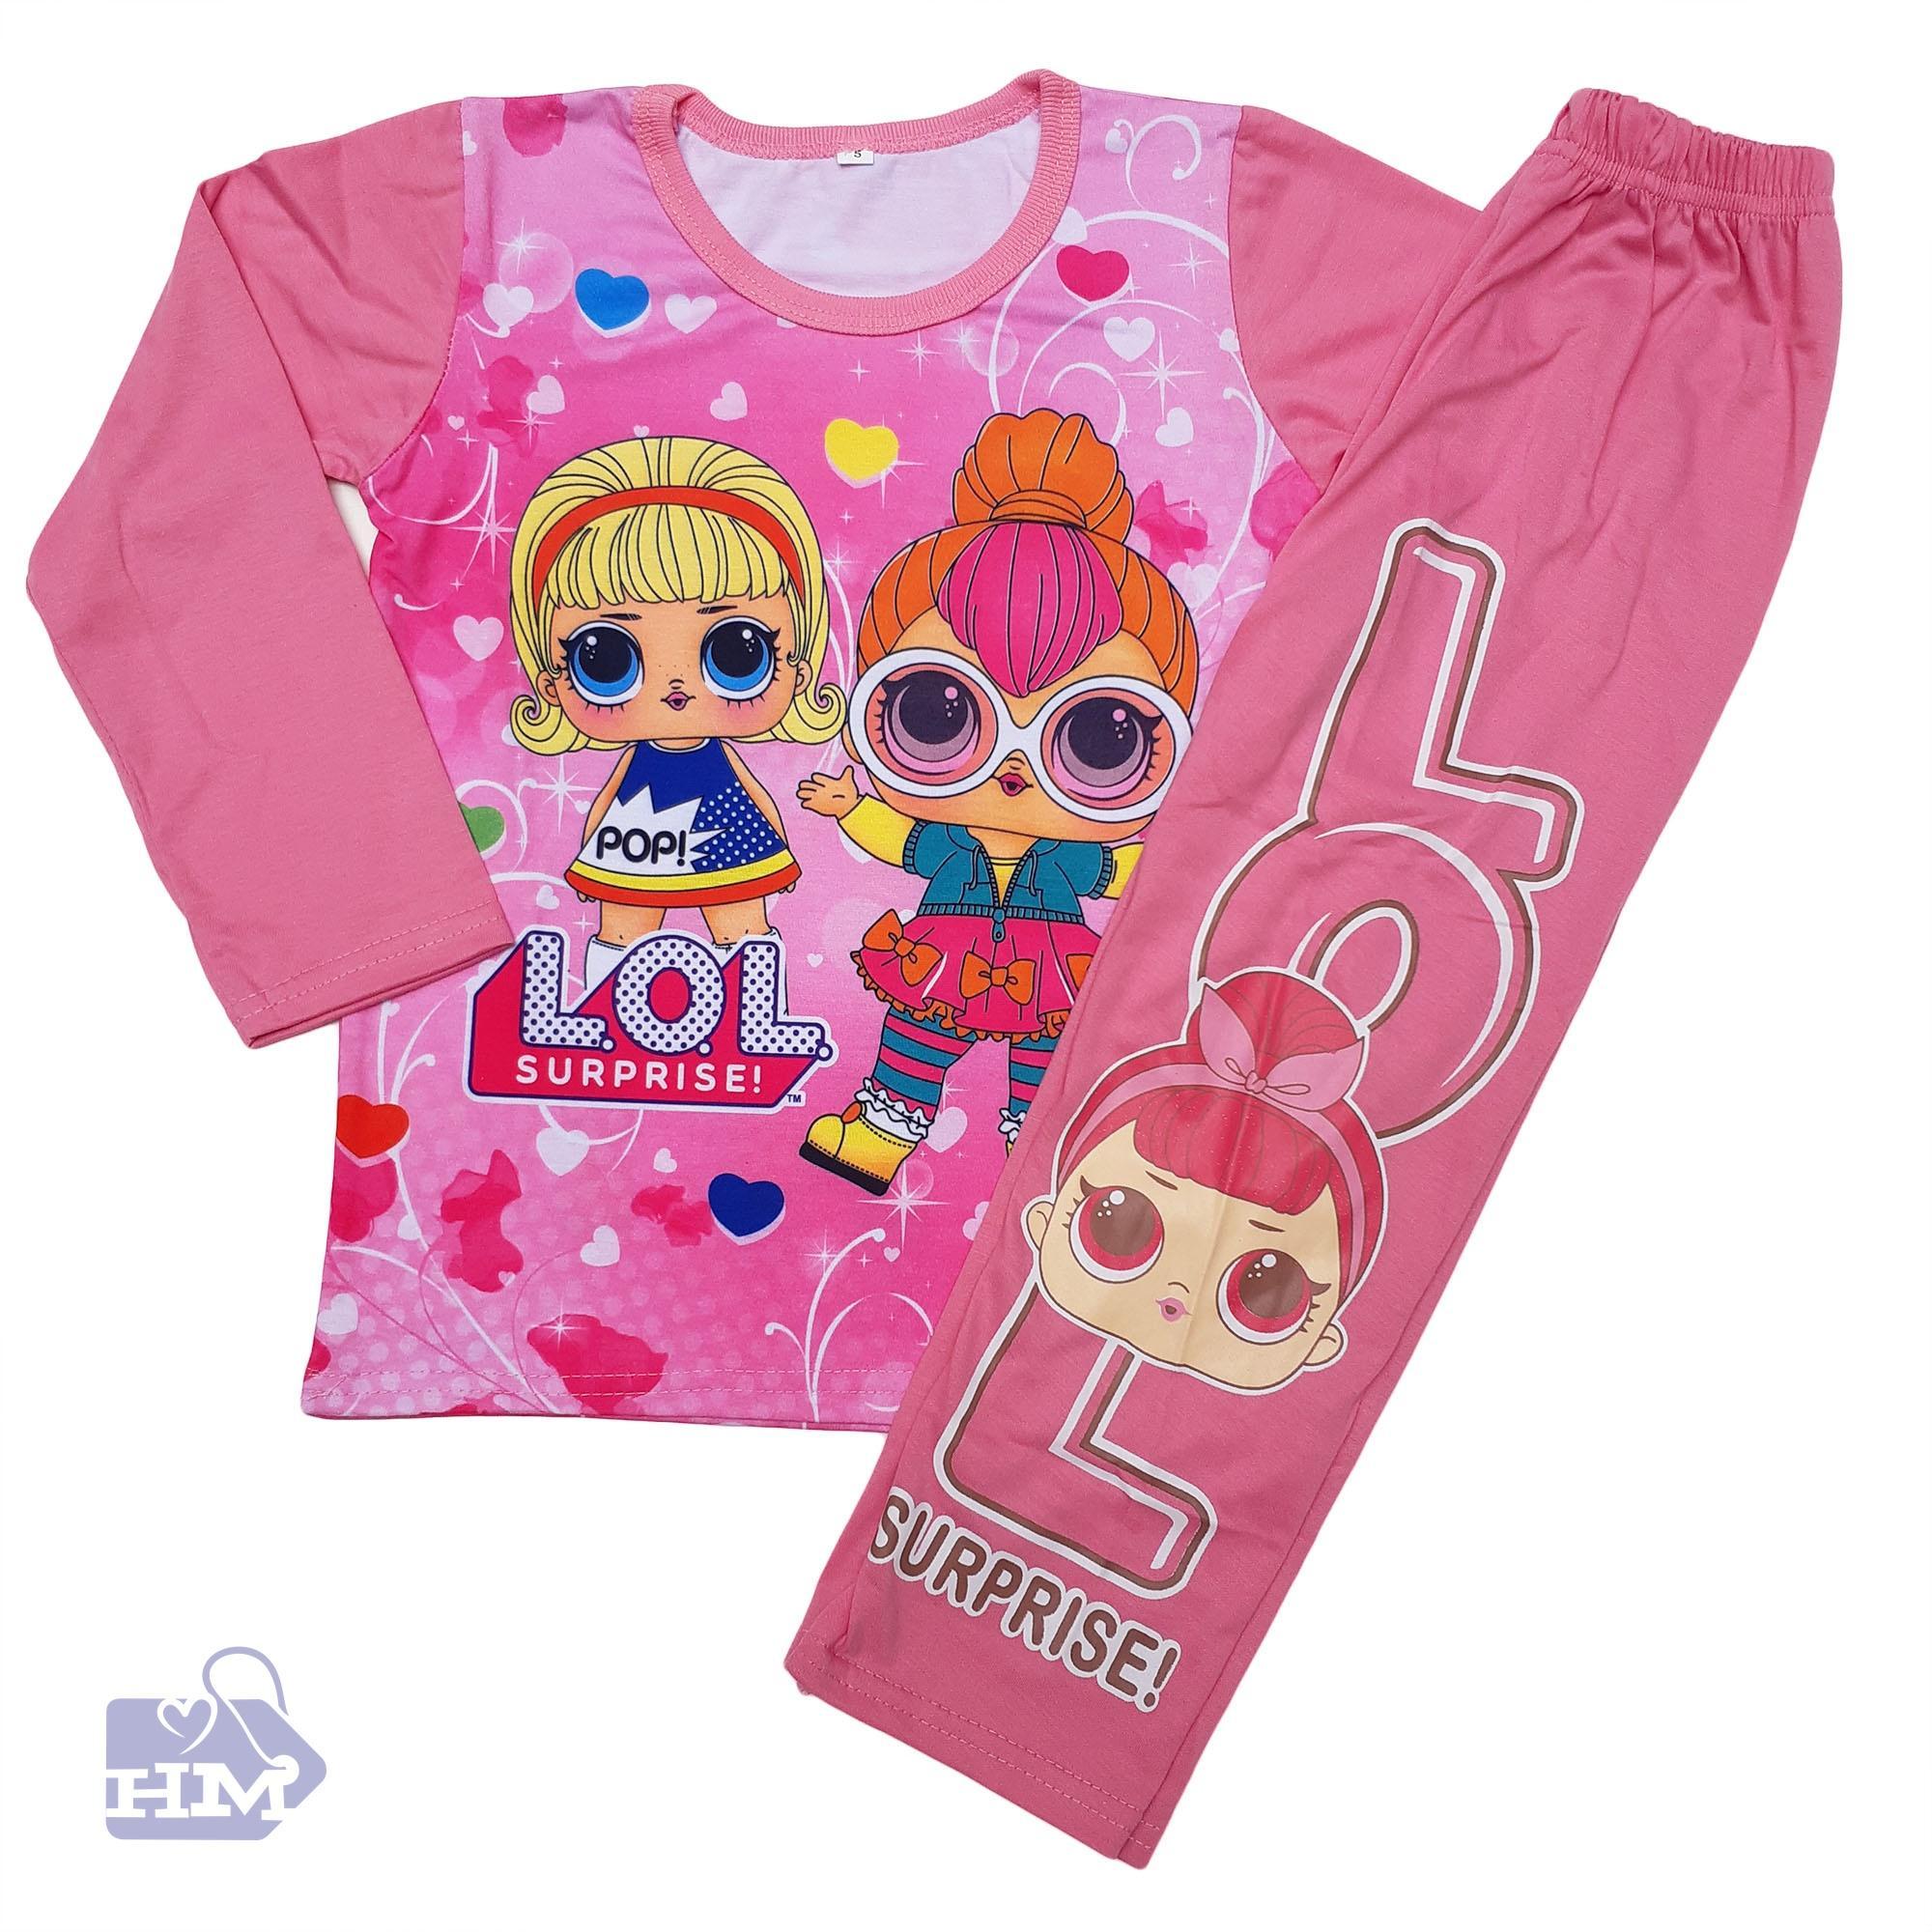 Jual Baju Atasan Anak Perempuan Piyama Gw Cowo Dino Hm Setelan Lol Surprise